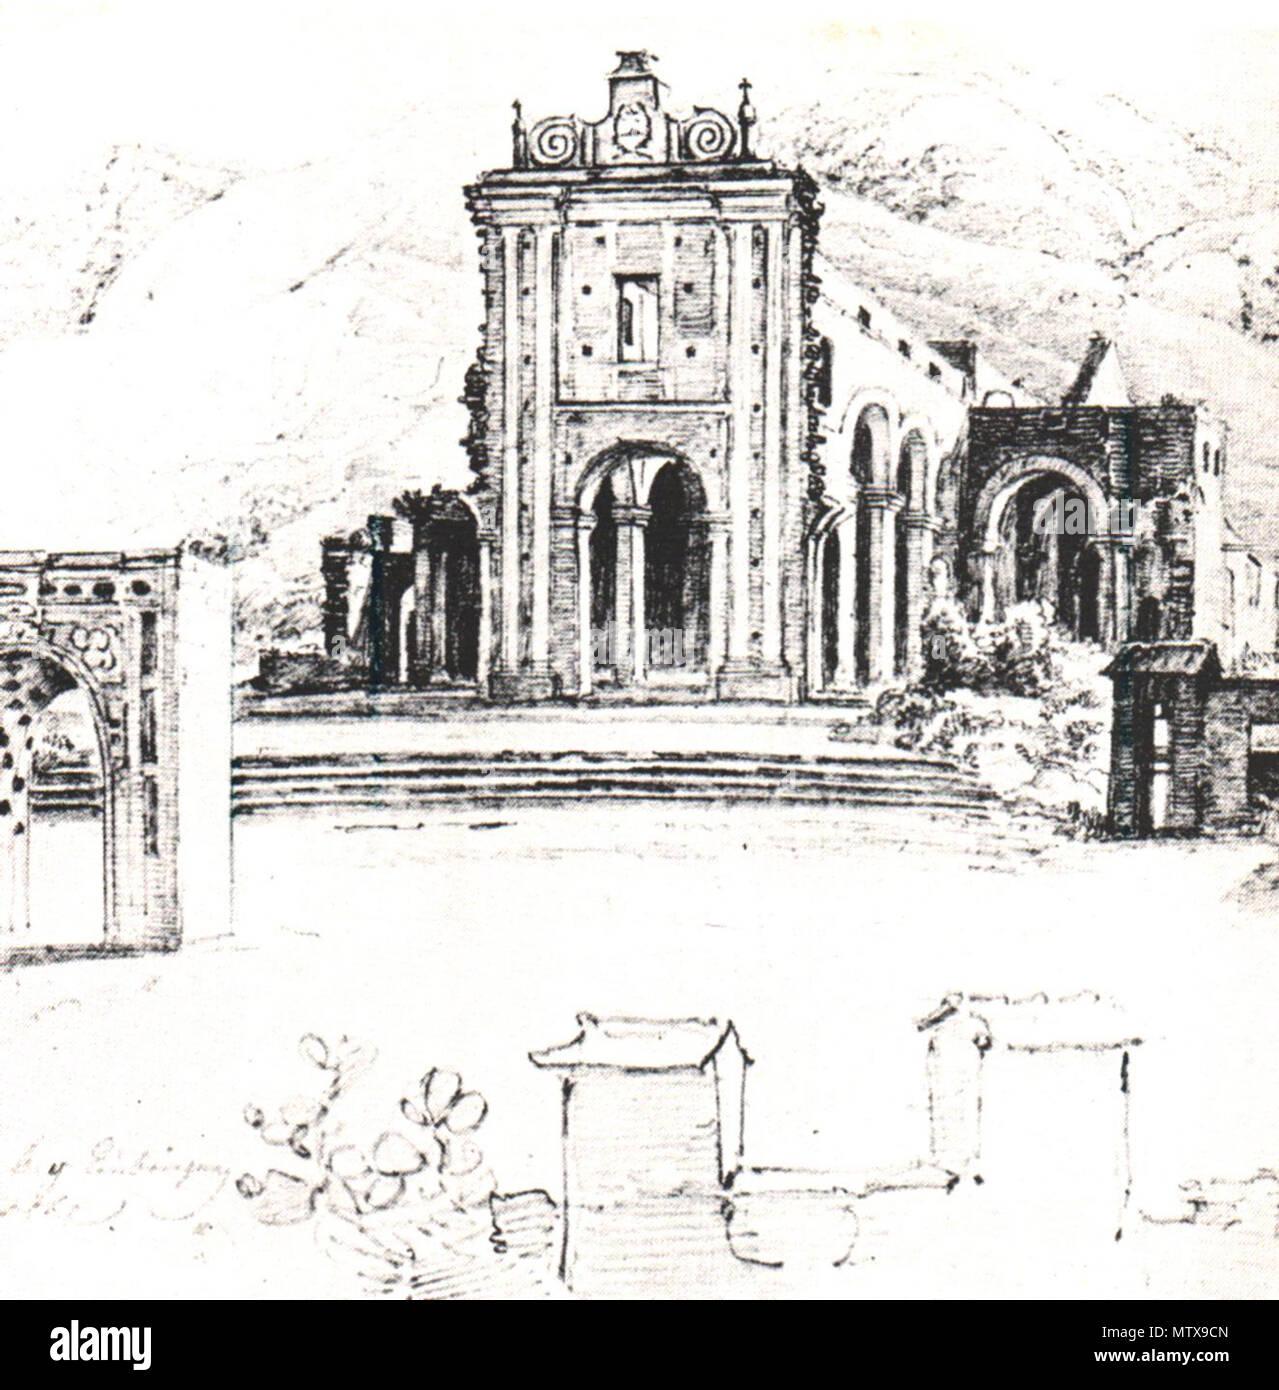 531 Ruinas de la iglesia de la Santísima Trinidad en Caracas - Ferdinand Bellermann Stock Photo